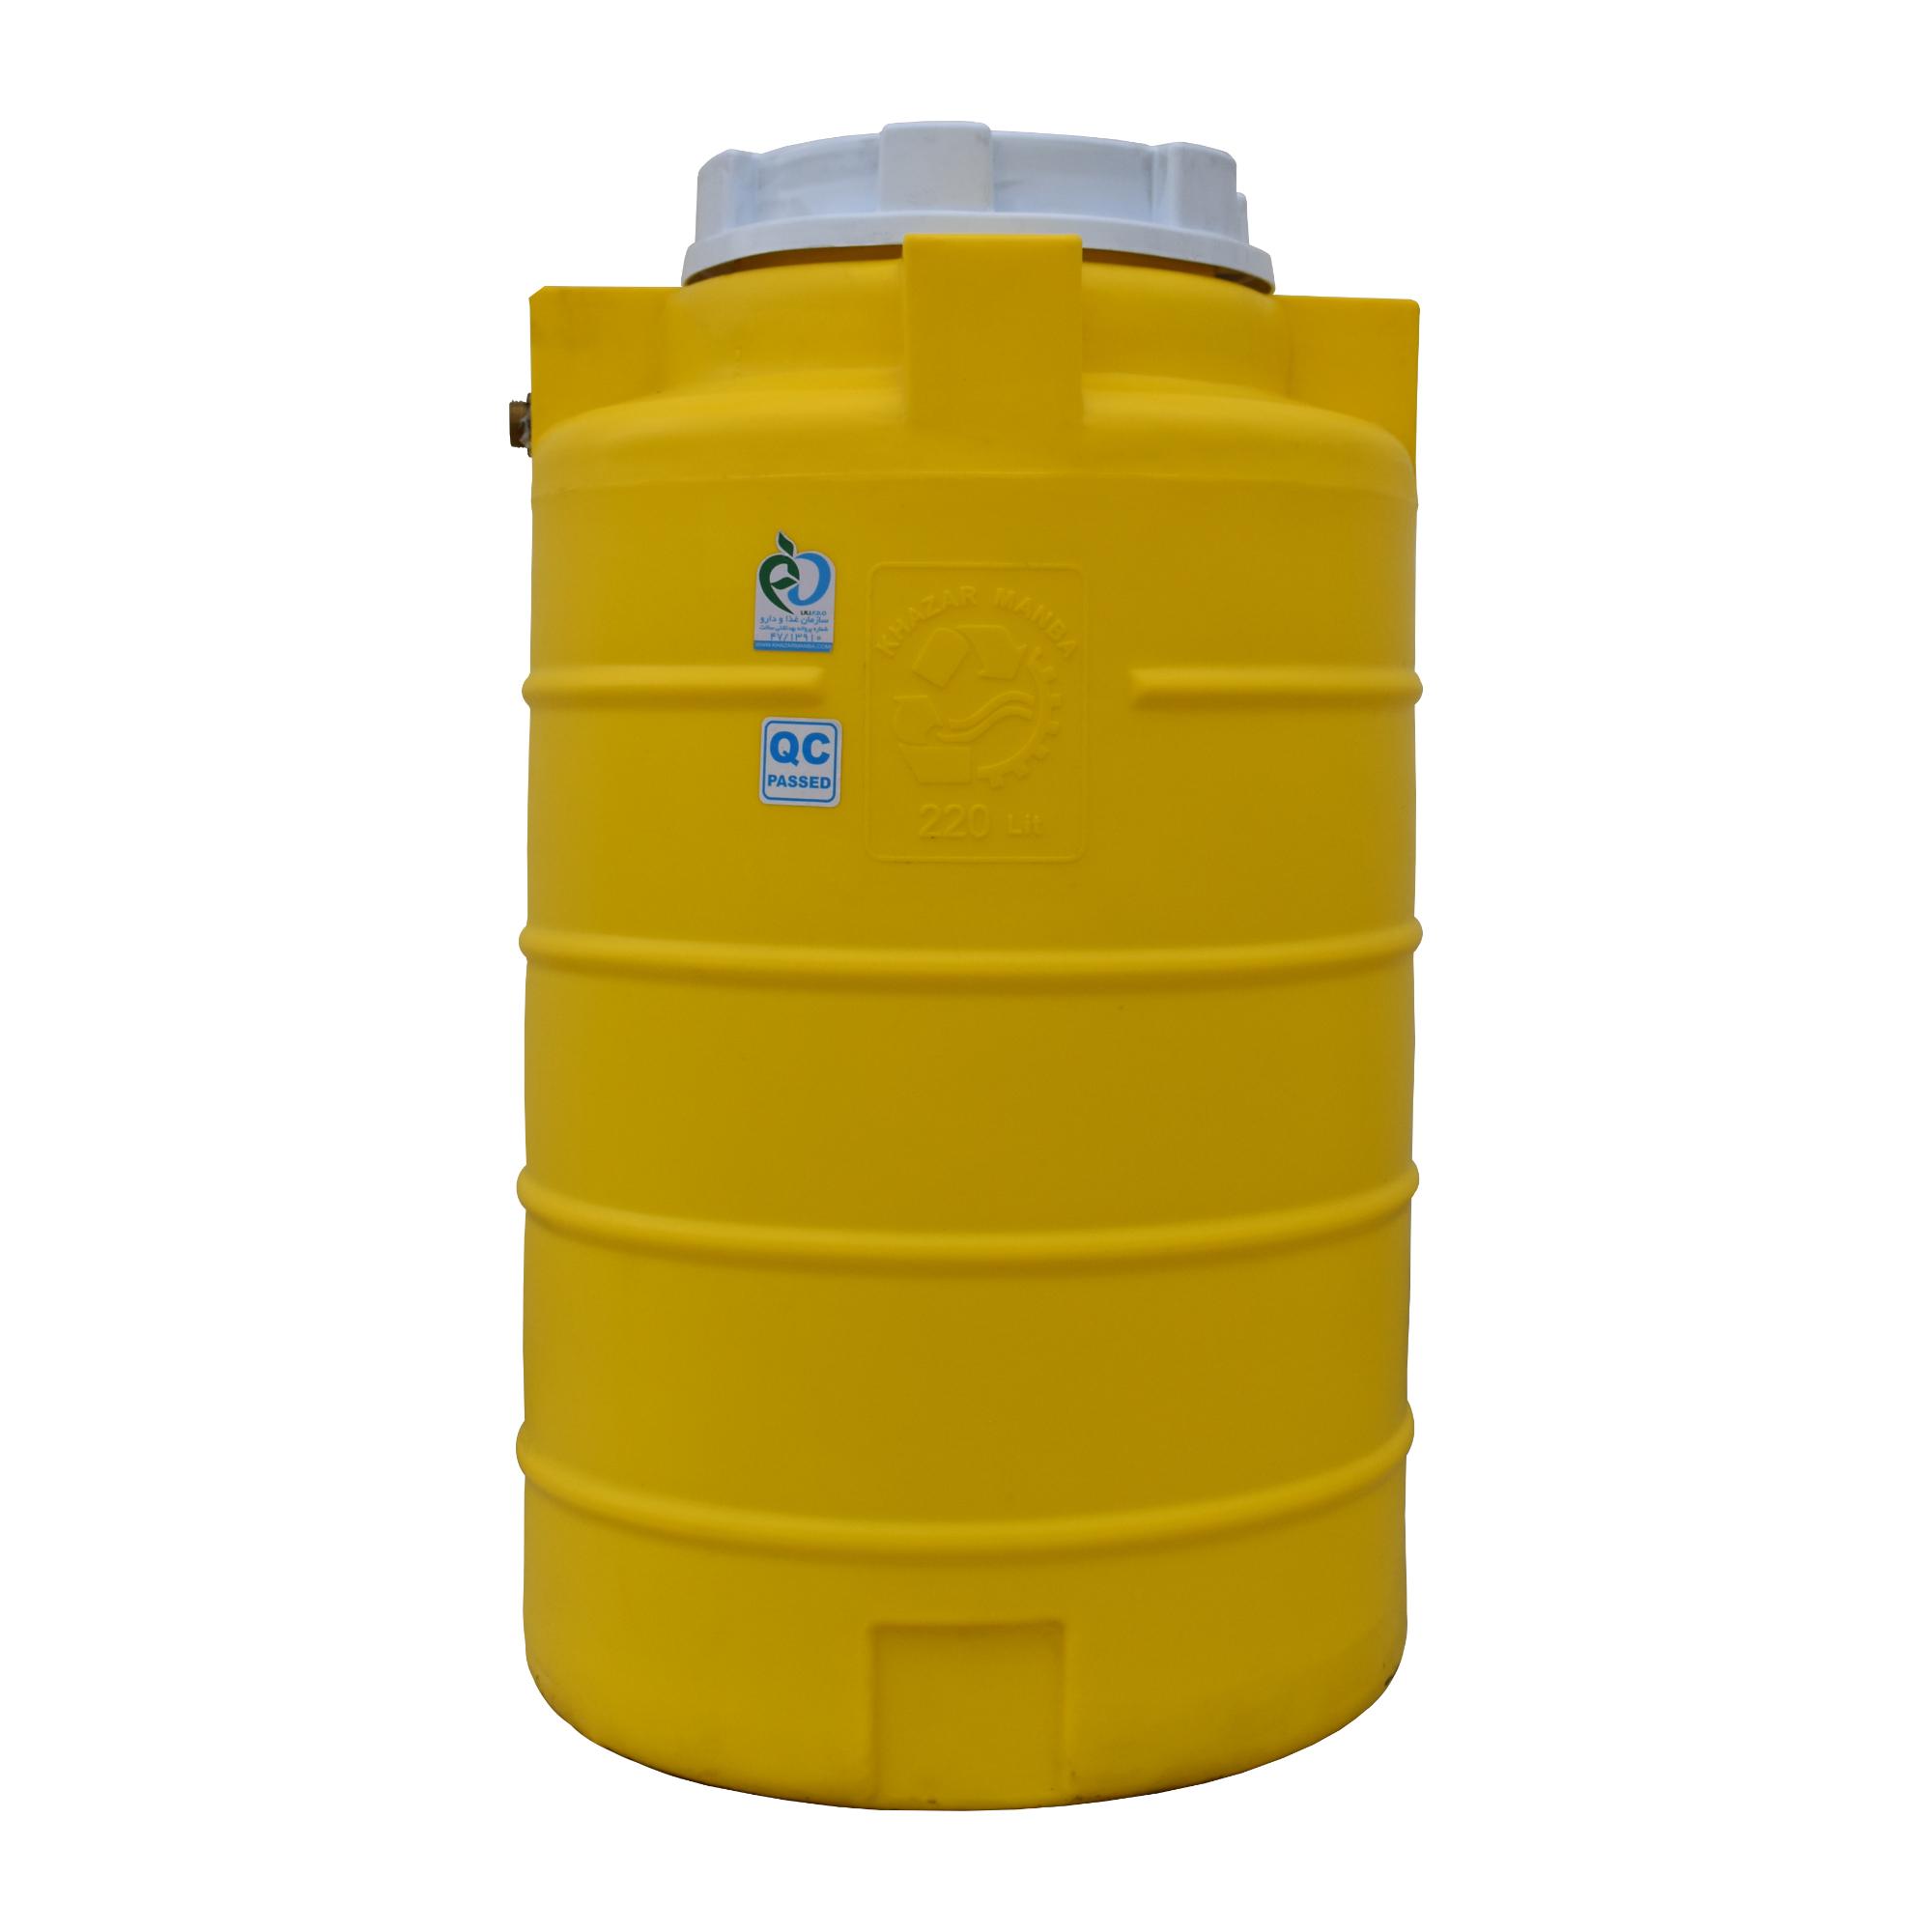 قیمت                                      مخزن آب خزر منبع کد5 حجم 220 لیتر